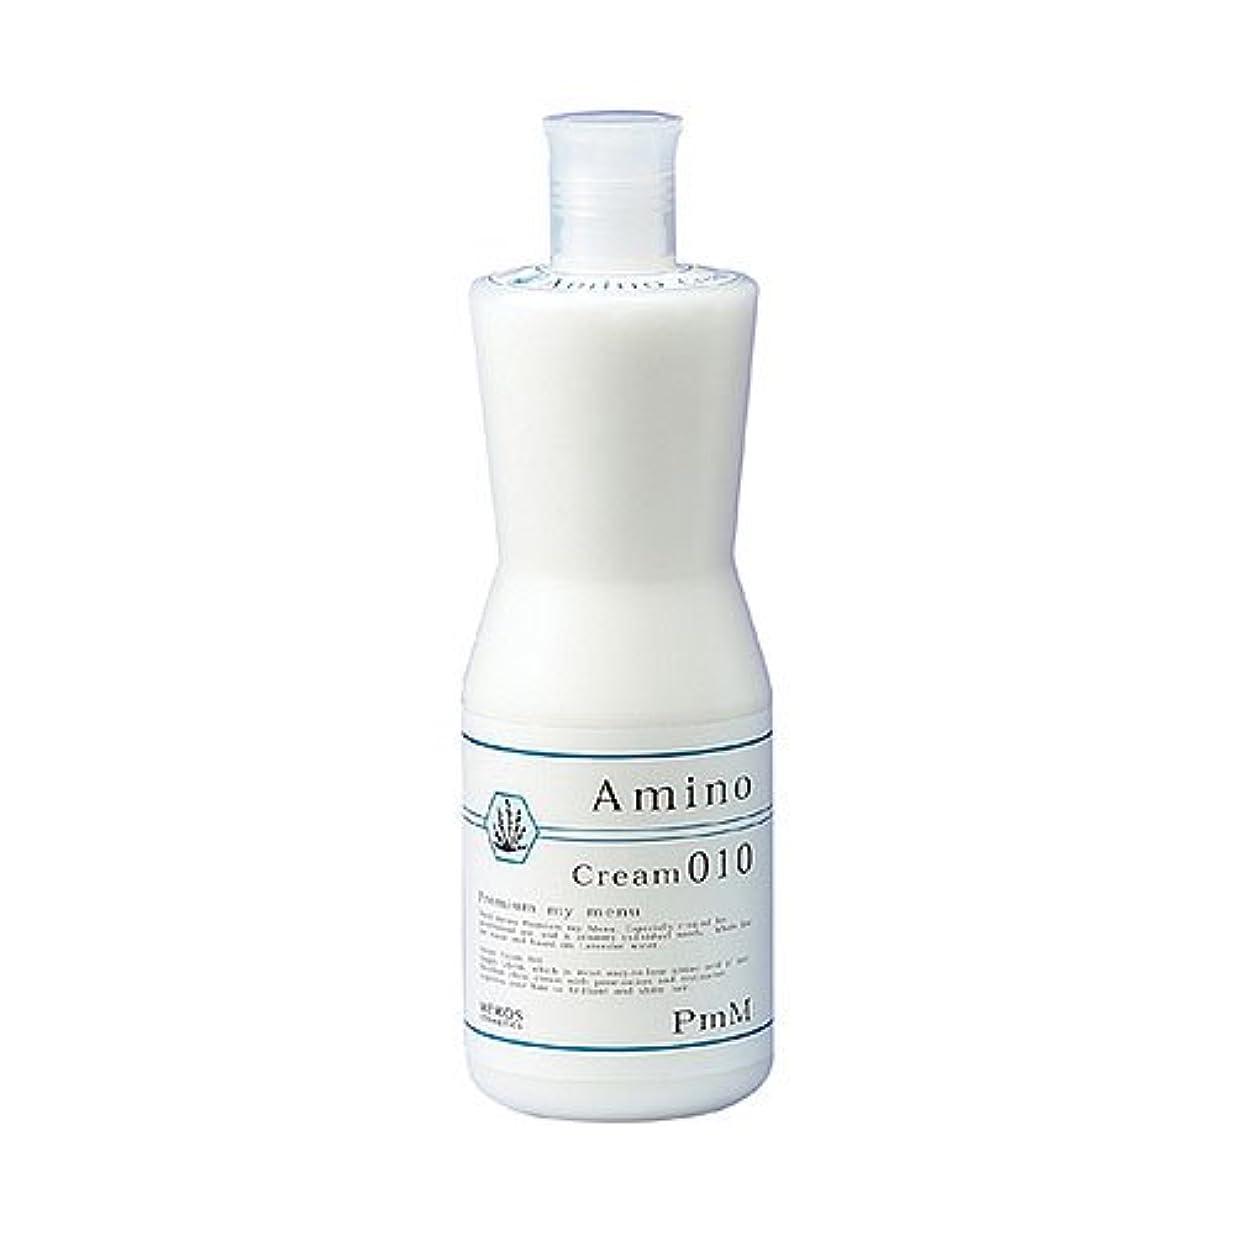 飲料オンスボスメロスコスメティックス PmM アミノクリーム010(さらさらタイプ) 1000g